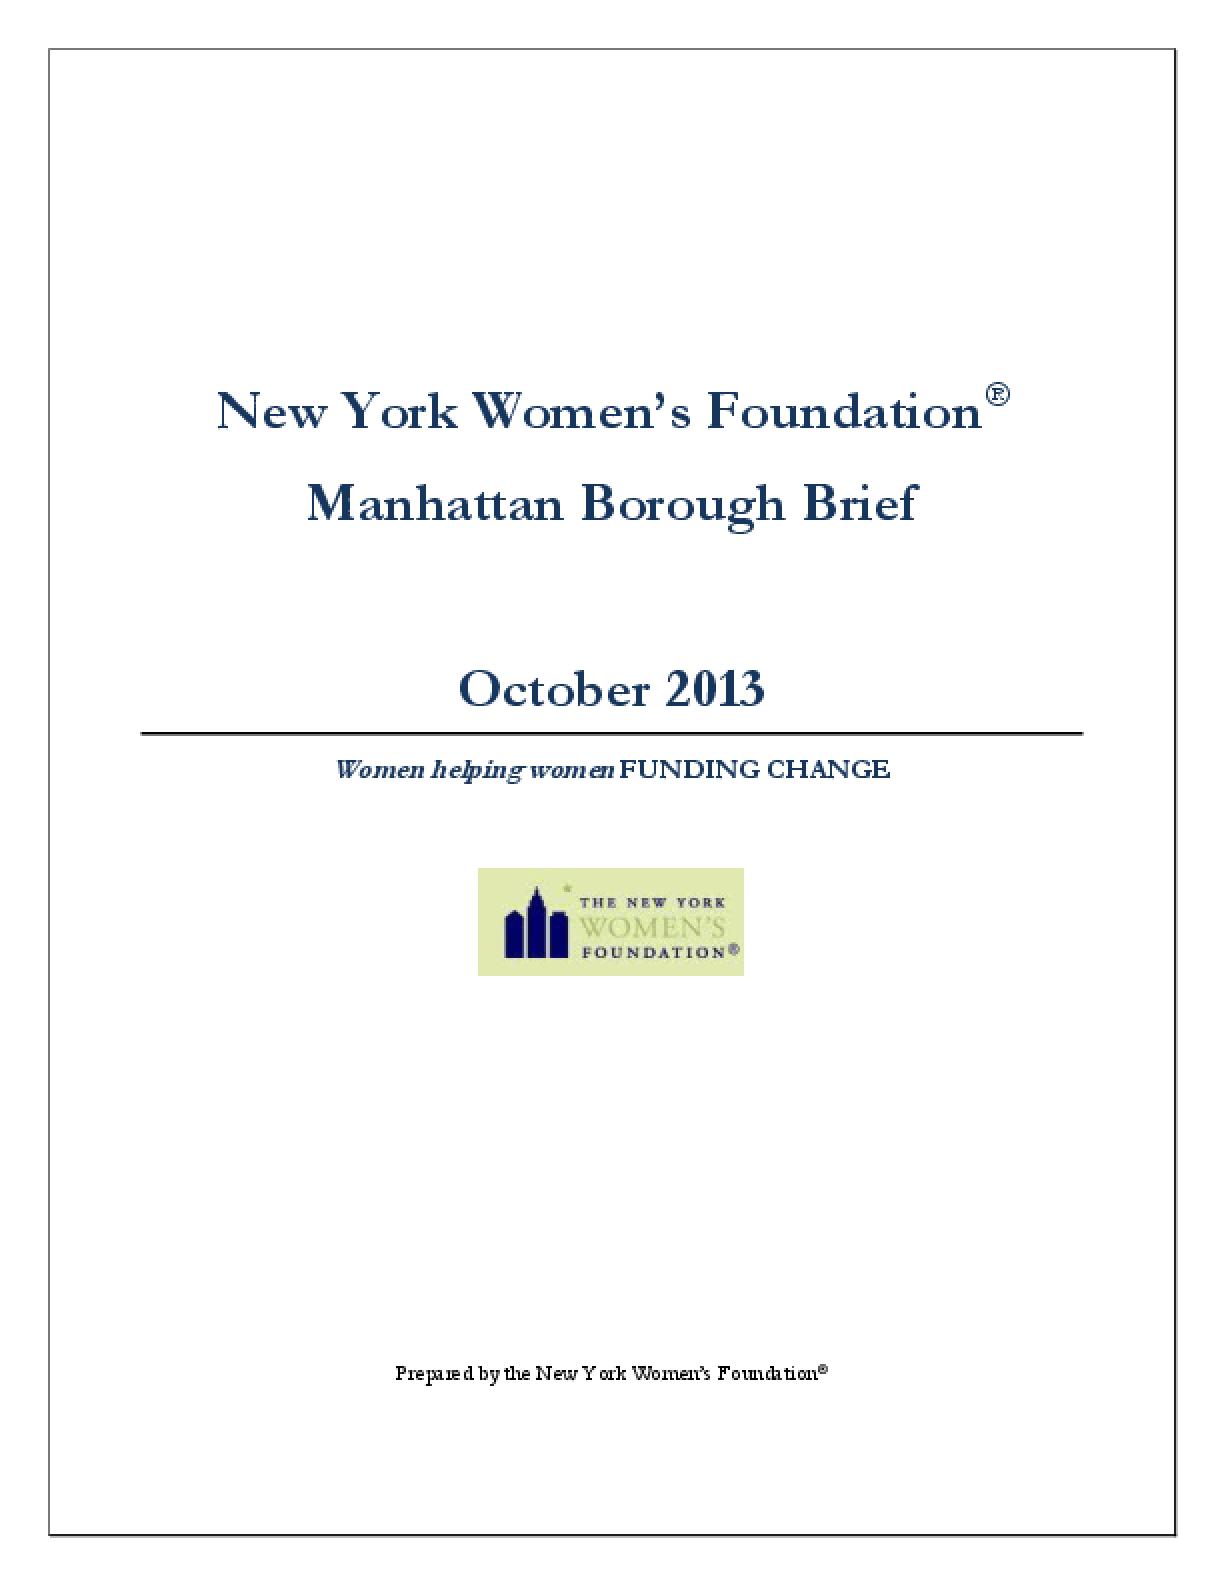 New York Women's Foundation Manhattan Borough Brief